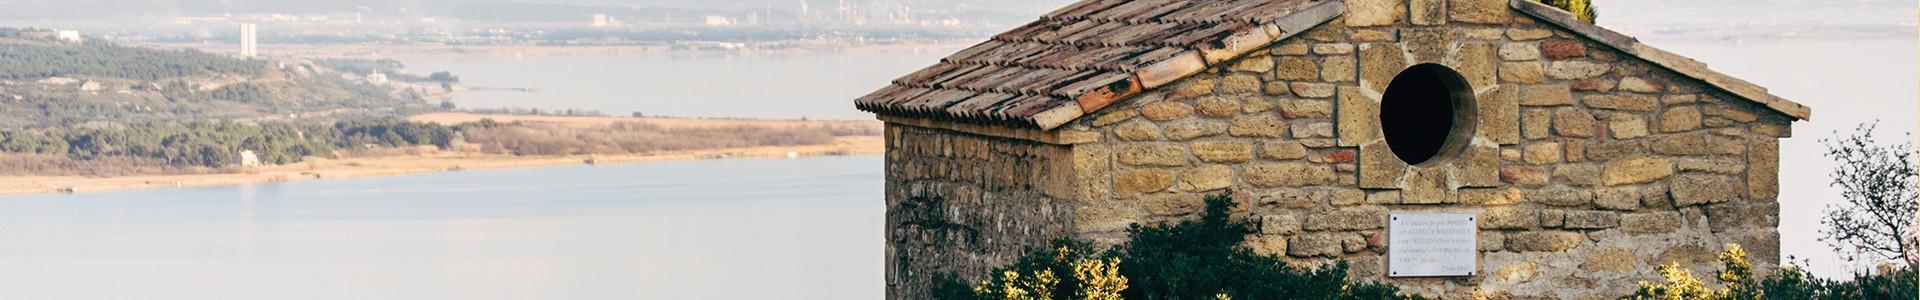 chapelle-saint-michel-2937